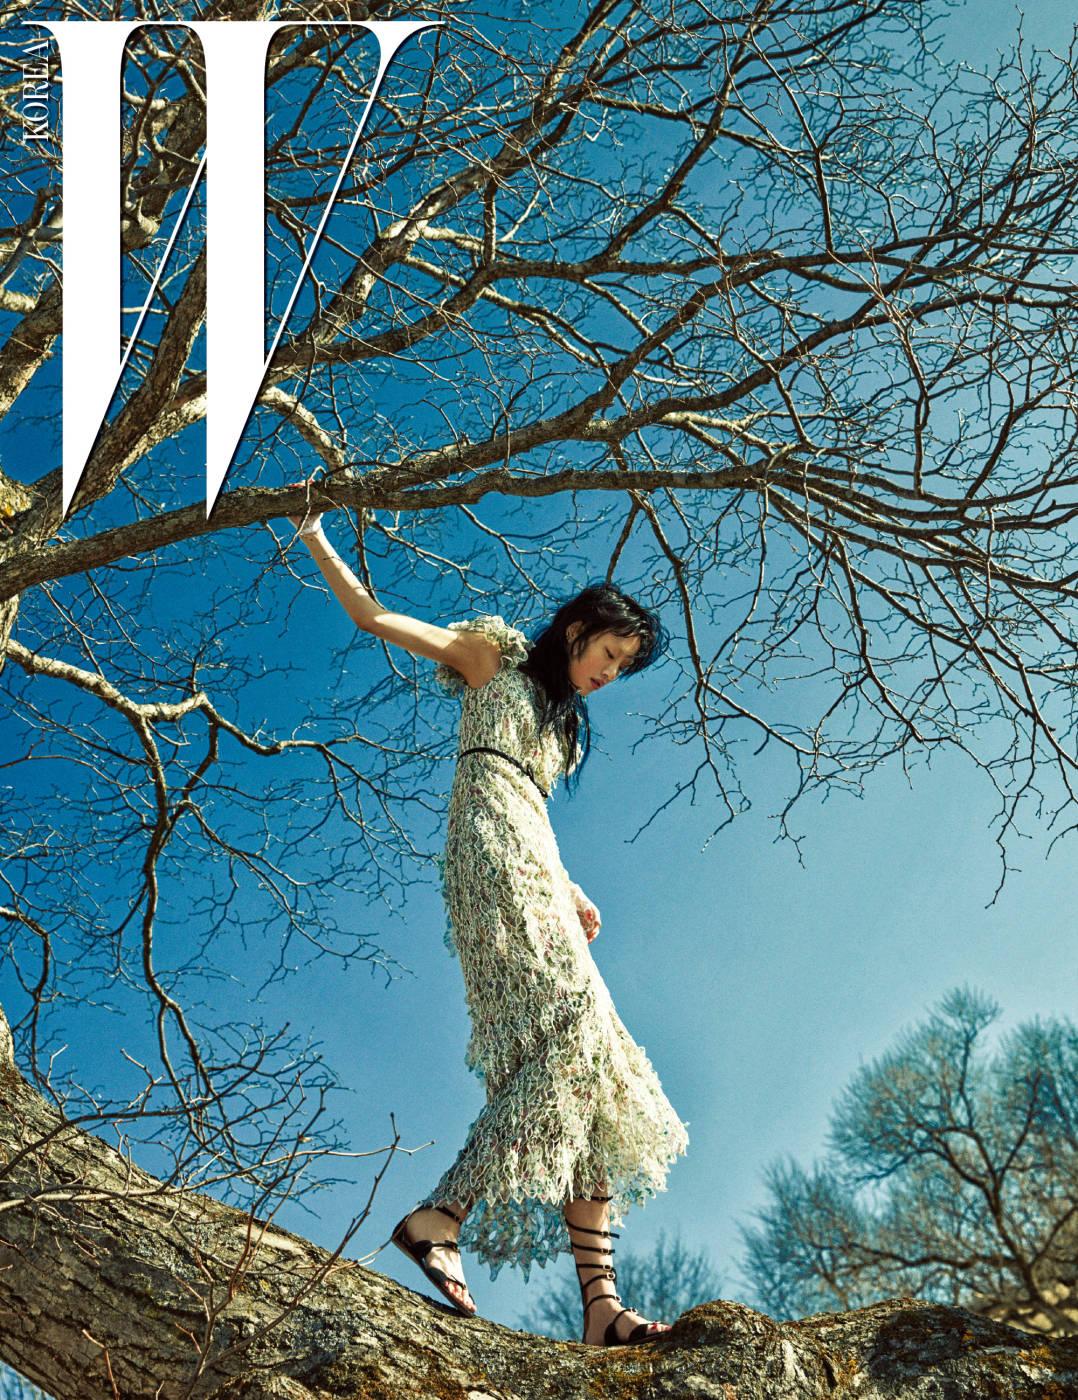 걸을 때마다 흩날리는 섬세한 레이스와 러플 소매가 특징인 드레스는 Giambattista Valli의 S/S 컬렉션, 글래디에이터 플랫 샌들은 모두 Giambattista Valli 제품.